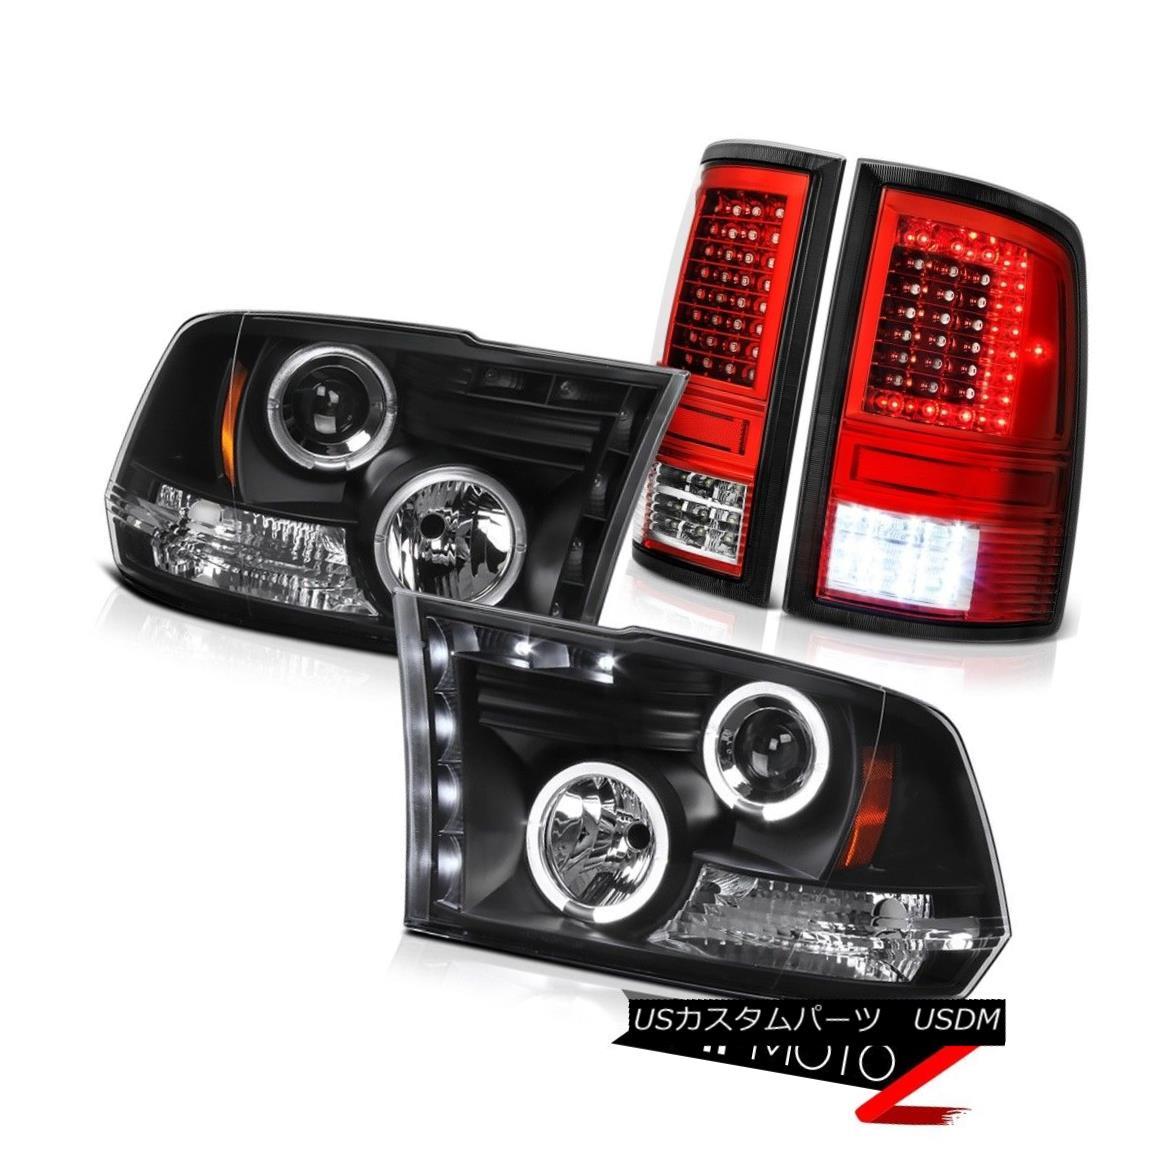 テールライト 2009-2018 Dodge RAM 2500 Red Clear Tail Lamp Nighthawk Black Head Lights PAIR 2009-2018ダッジRAM 2500レッドクリアテールランプナイトホークブラックヘッドライトPAIR